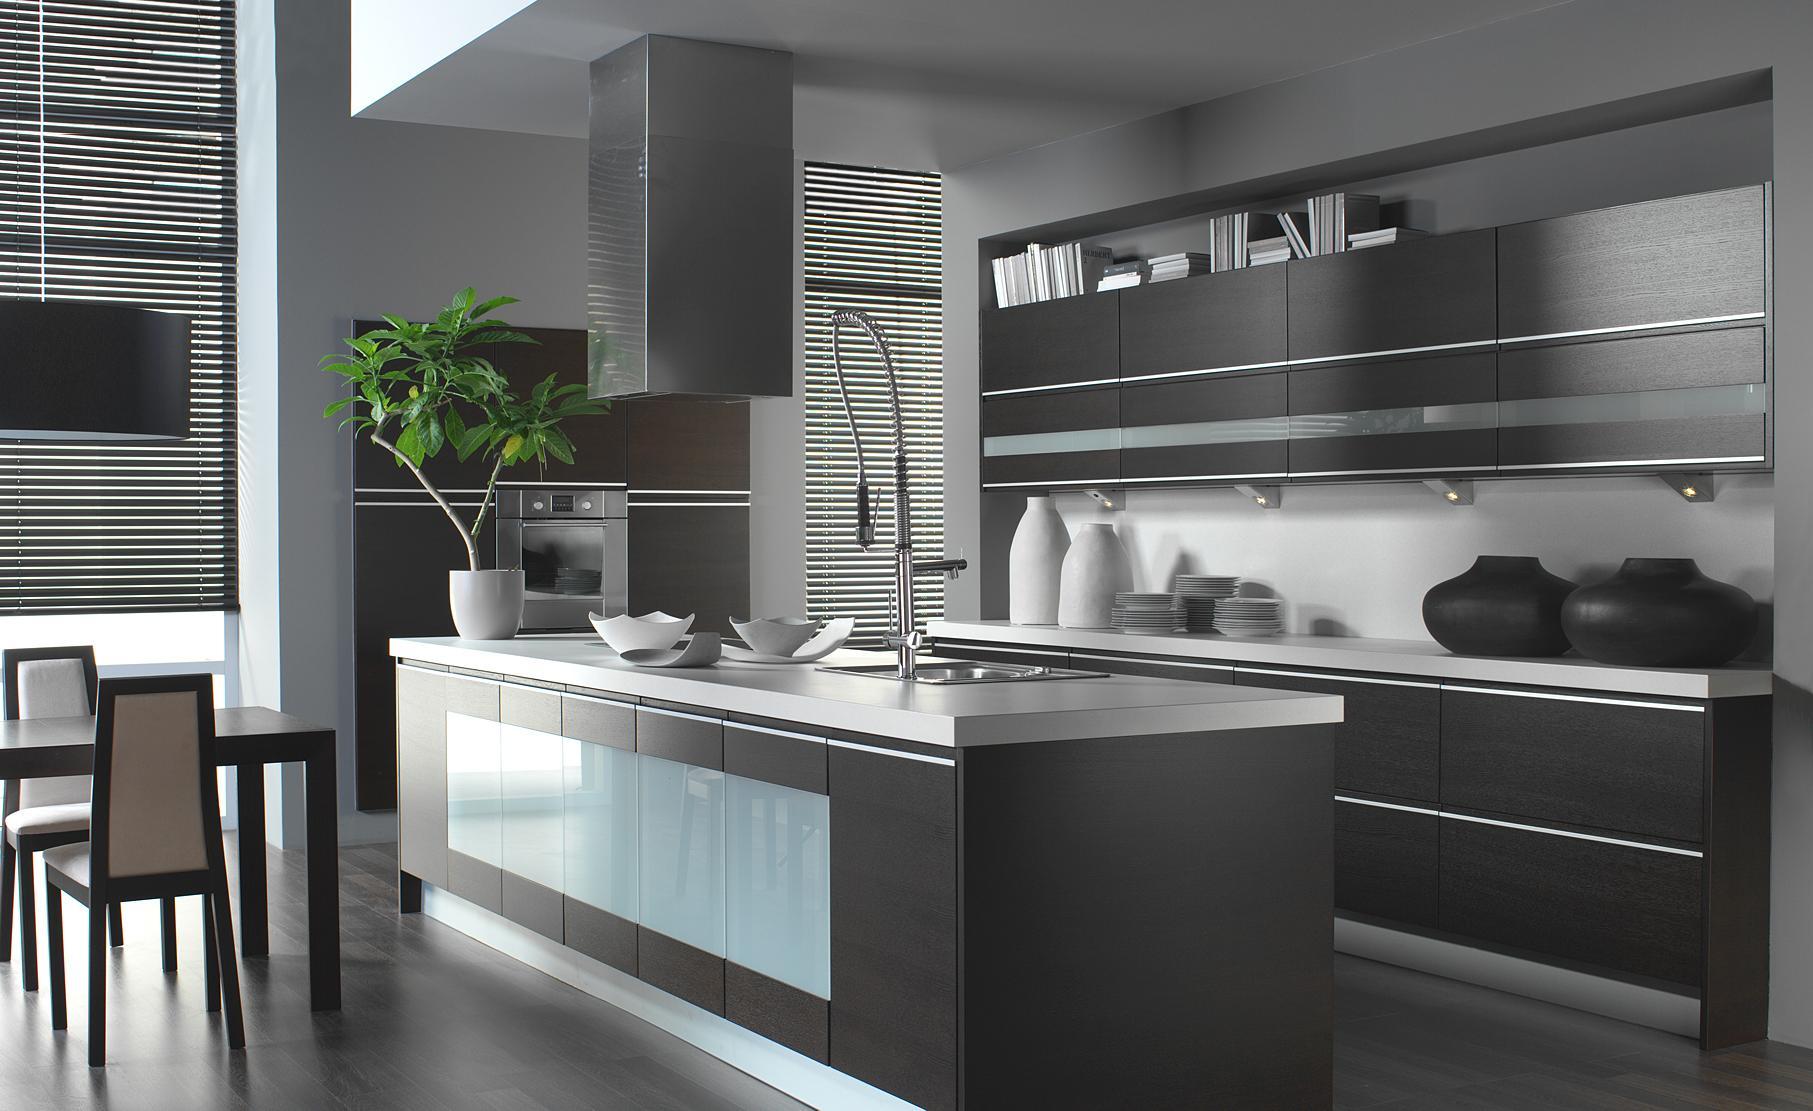 Modern kitchen cabinets denver - Kitchens Remodeling Denver European Kitchens Kitchens Cabinets Denver